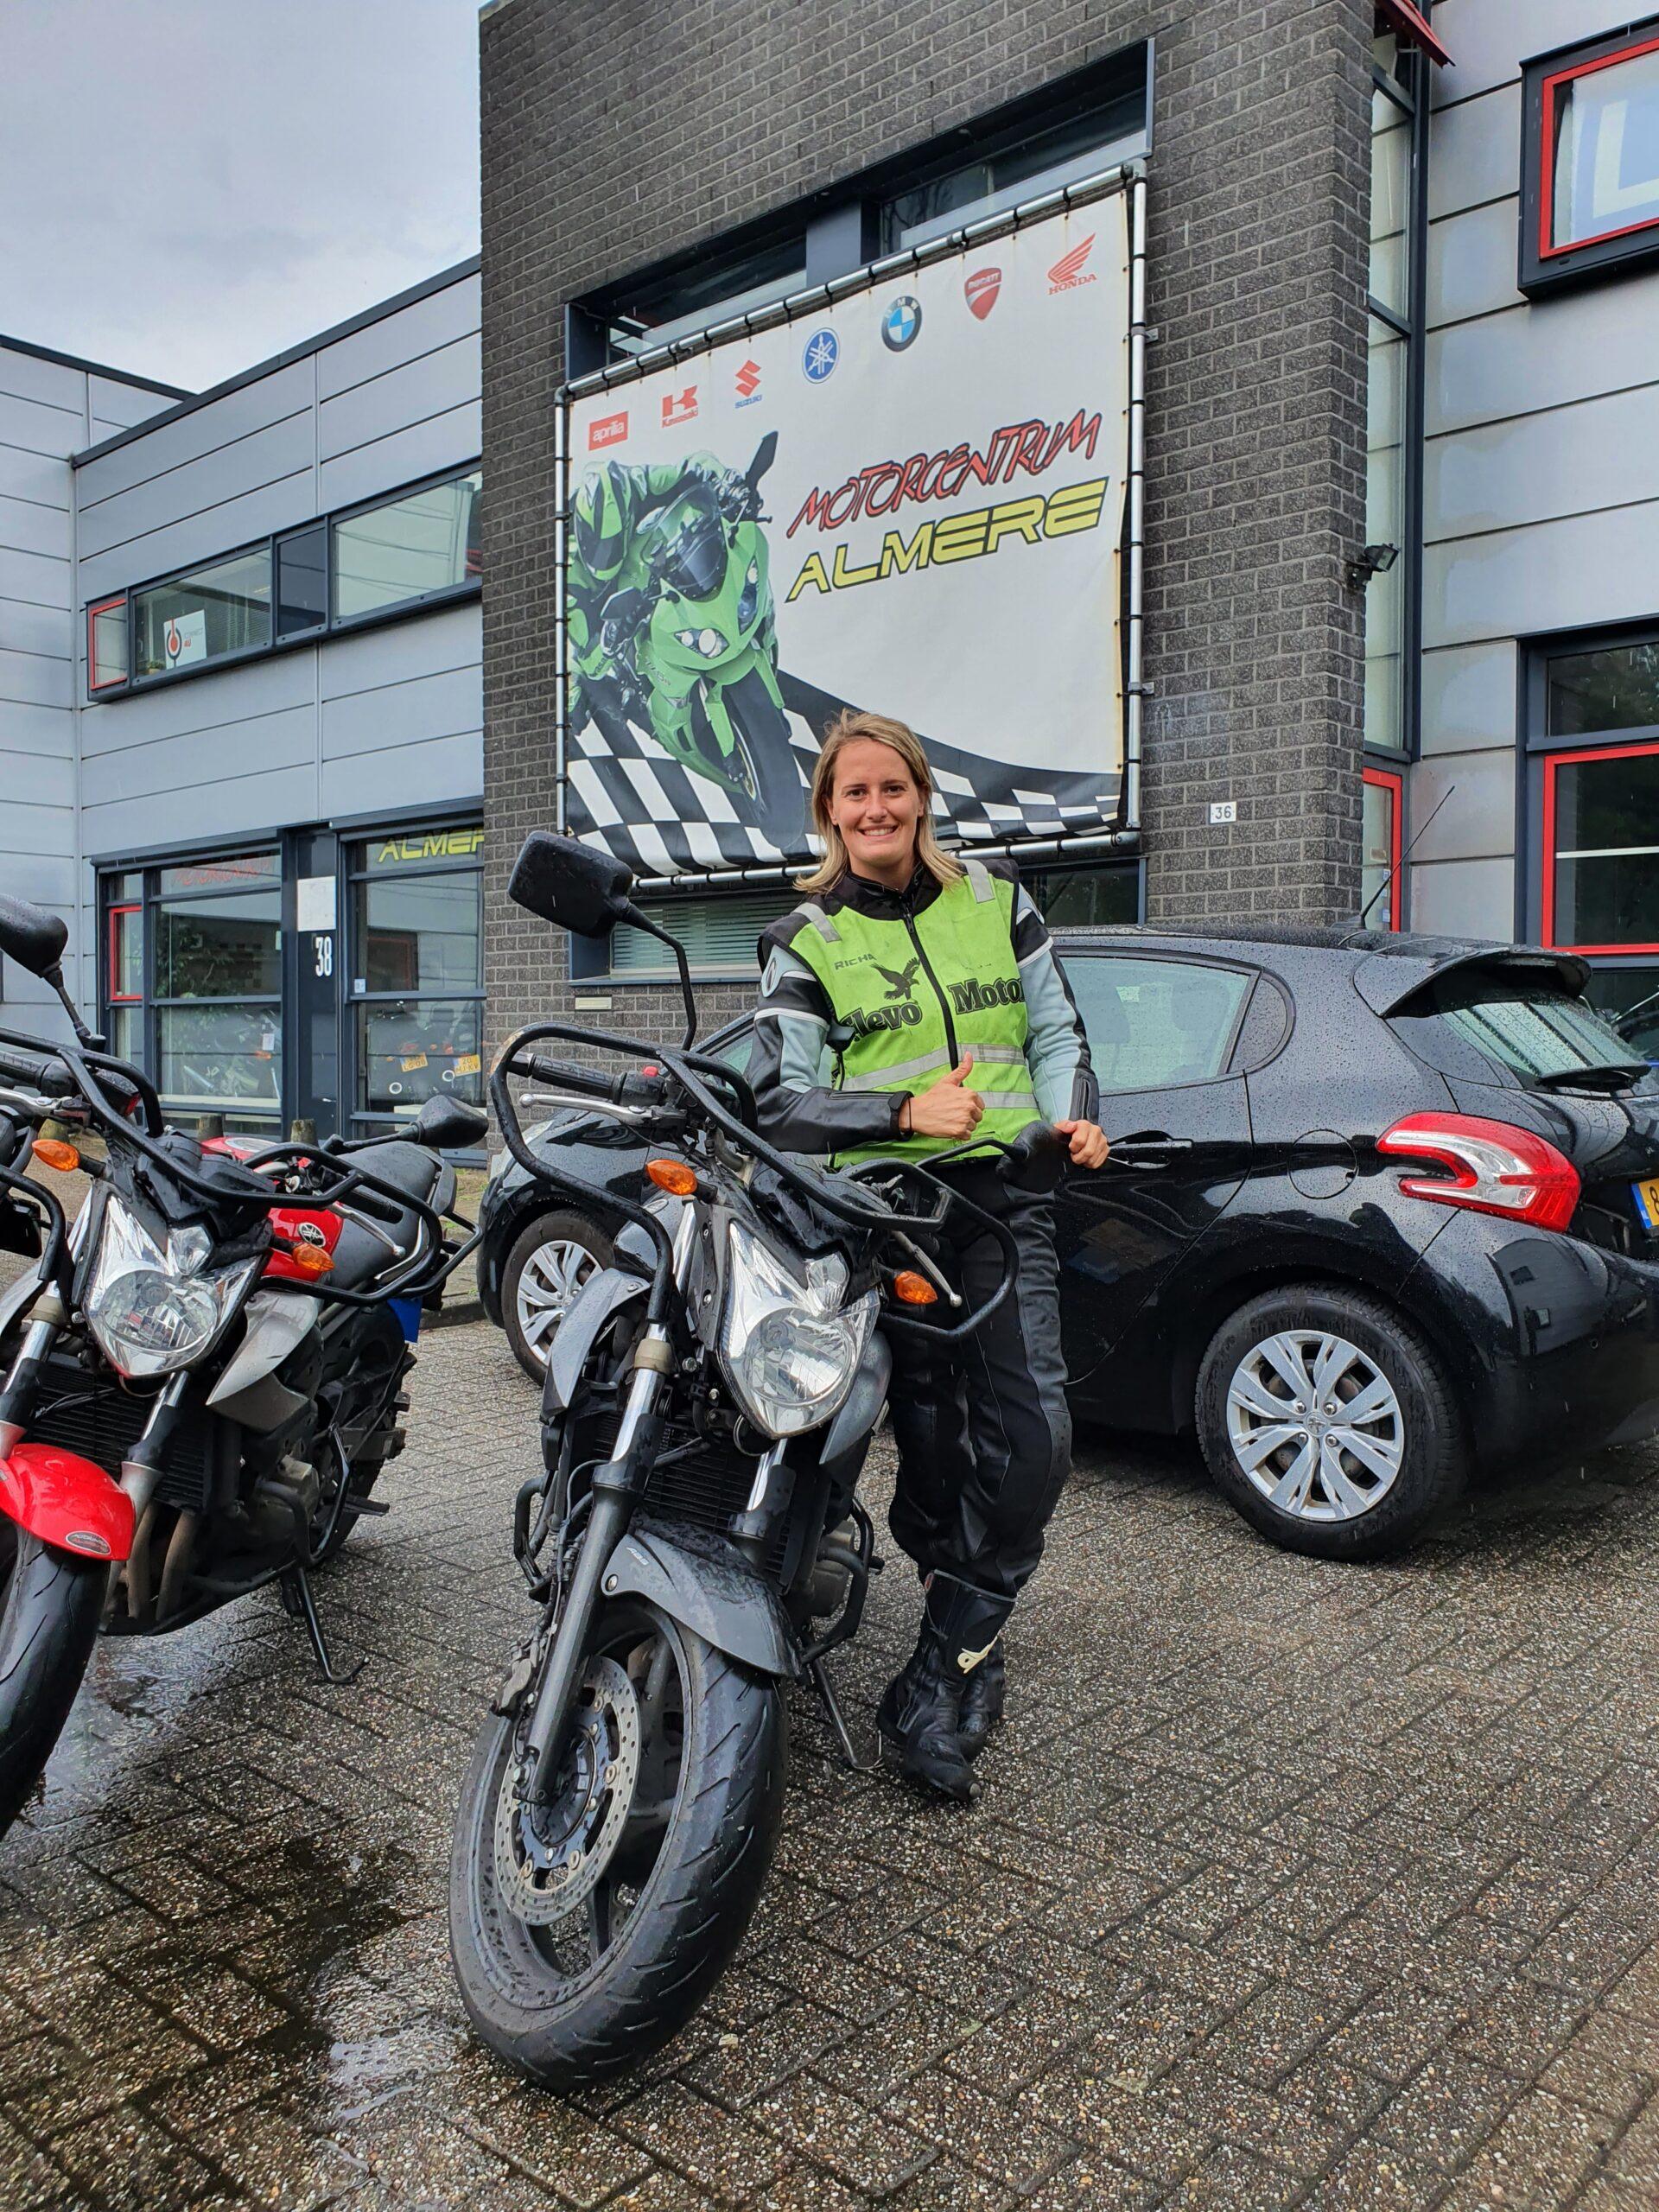 Daisy ook bij  FlevoMotor in een keer geslaagd voor haar motorrijbewijs.